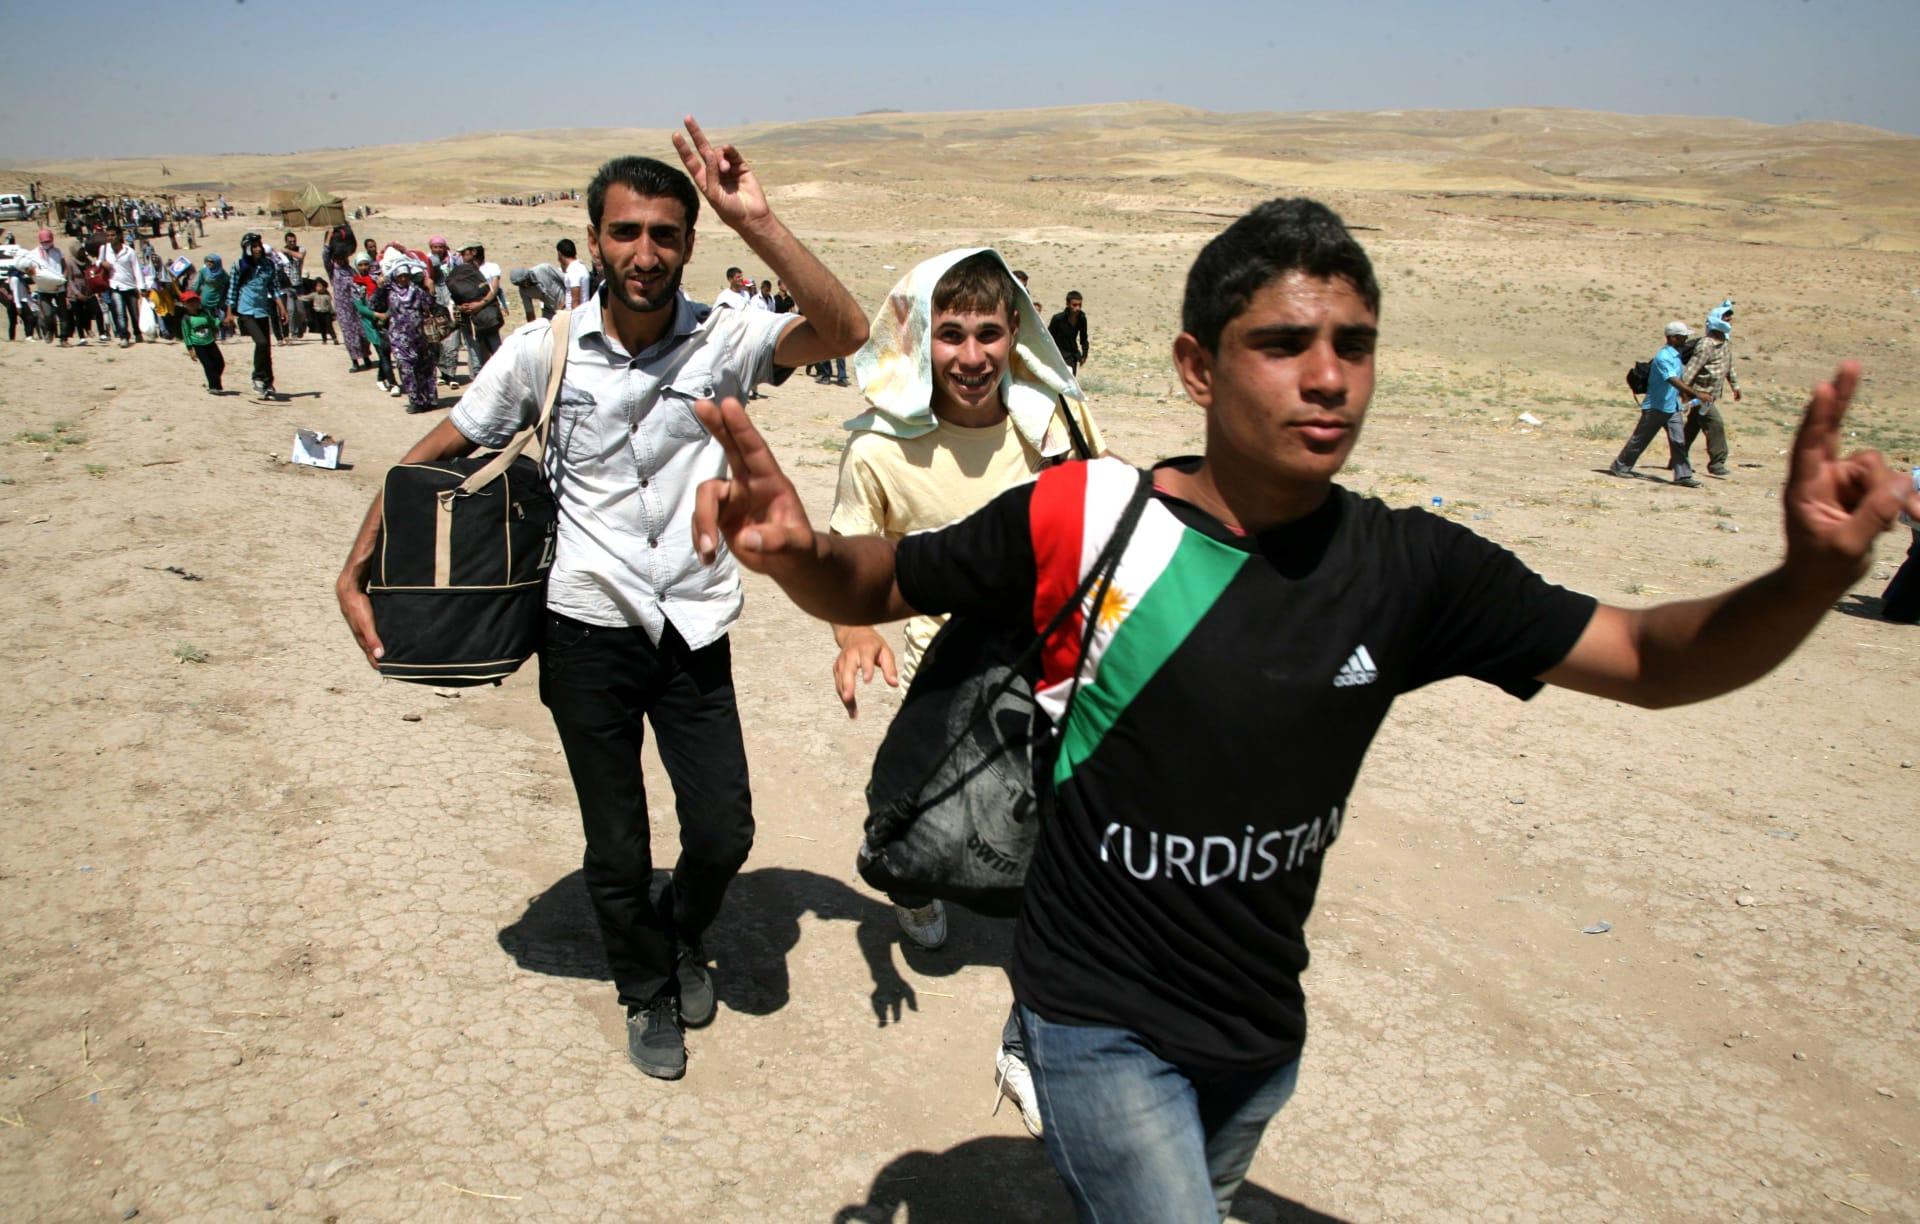 أكثر من 700 لاجئ سوري يفرون من الهجوم التركي إلى العراق